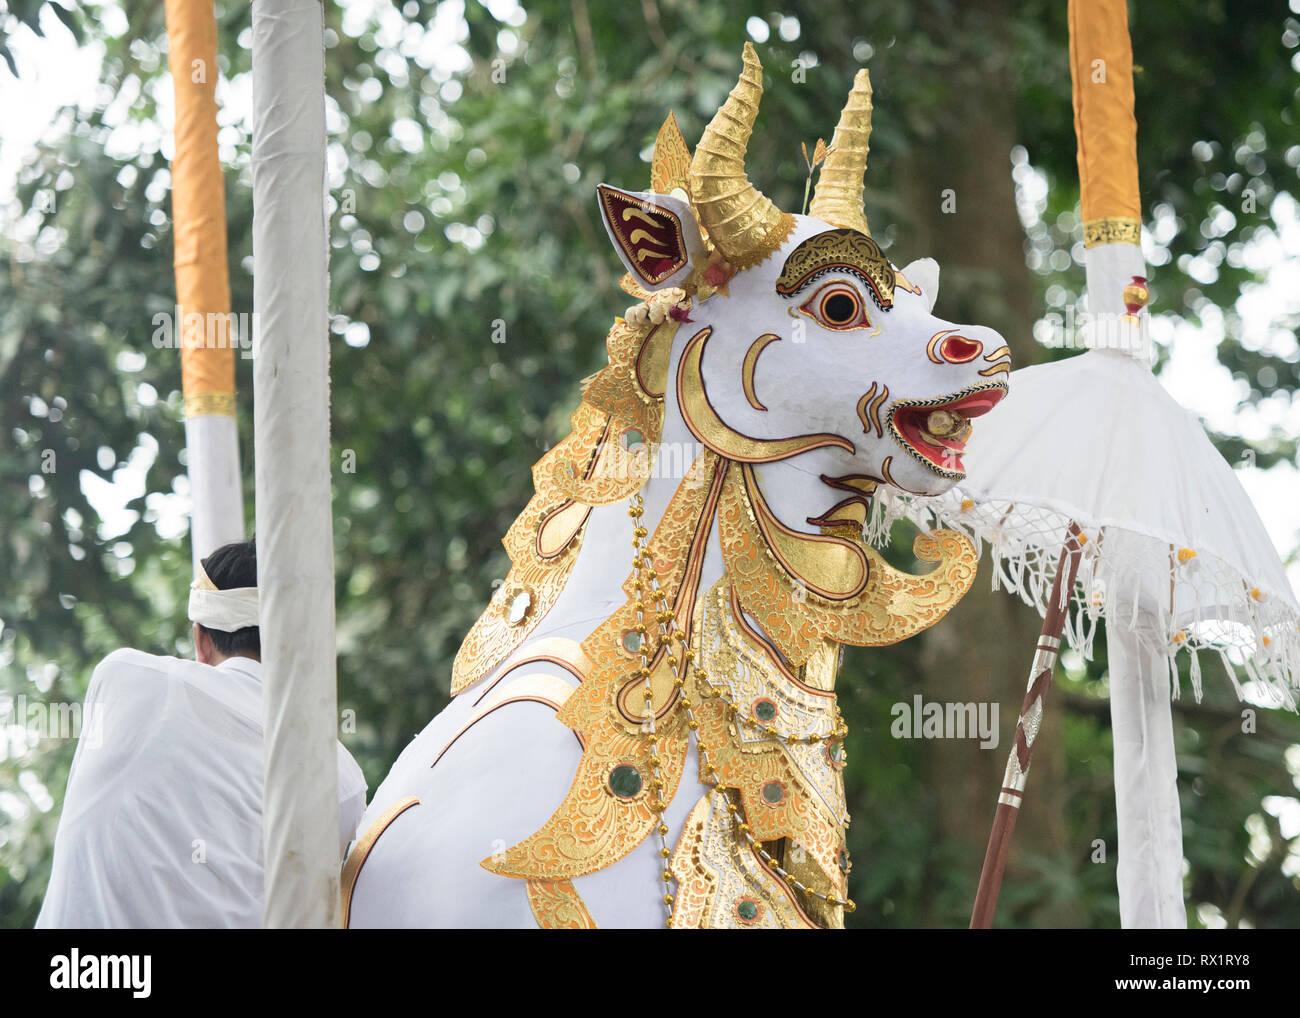 Rückansicht des Menschen sitzen von Bull Skulptur gegen Bäume während der einäscherung Zeremonie Stockbild